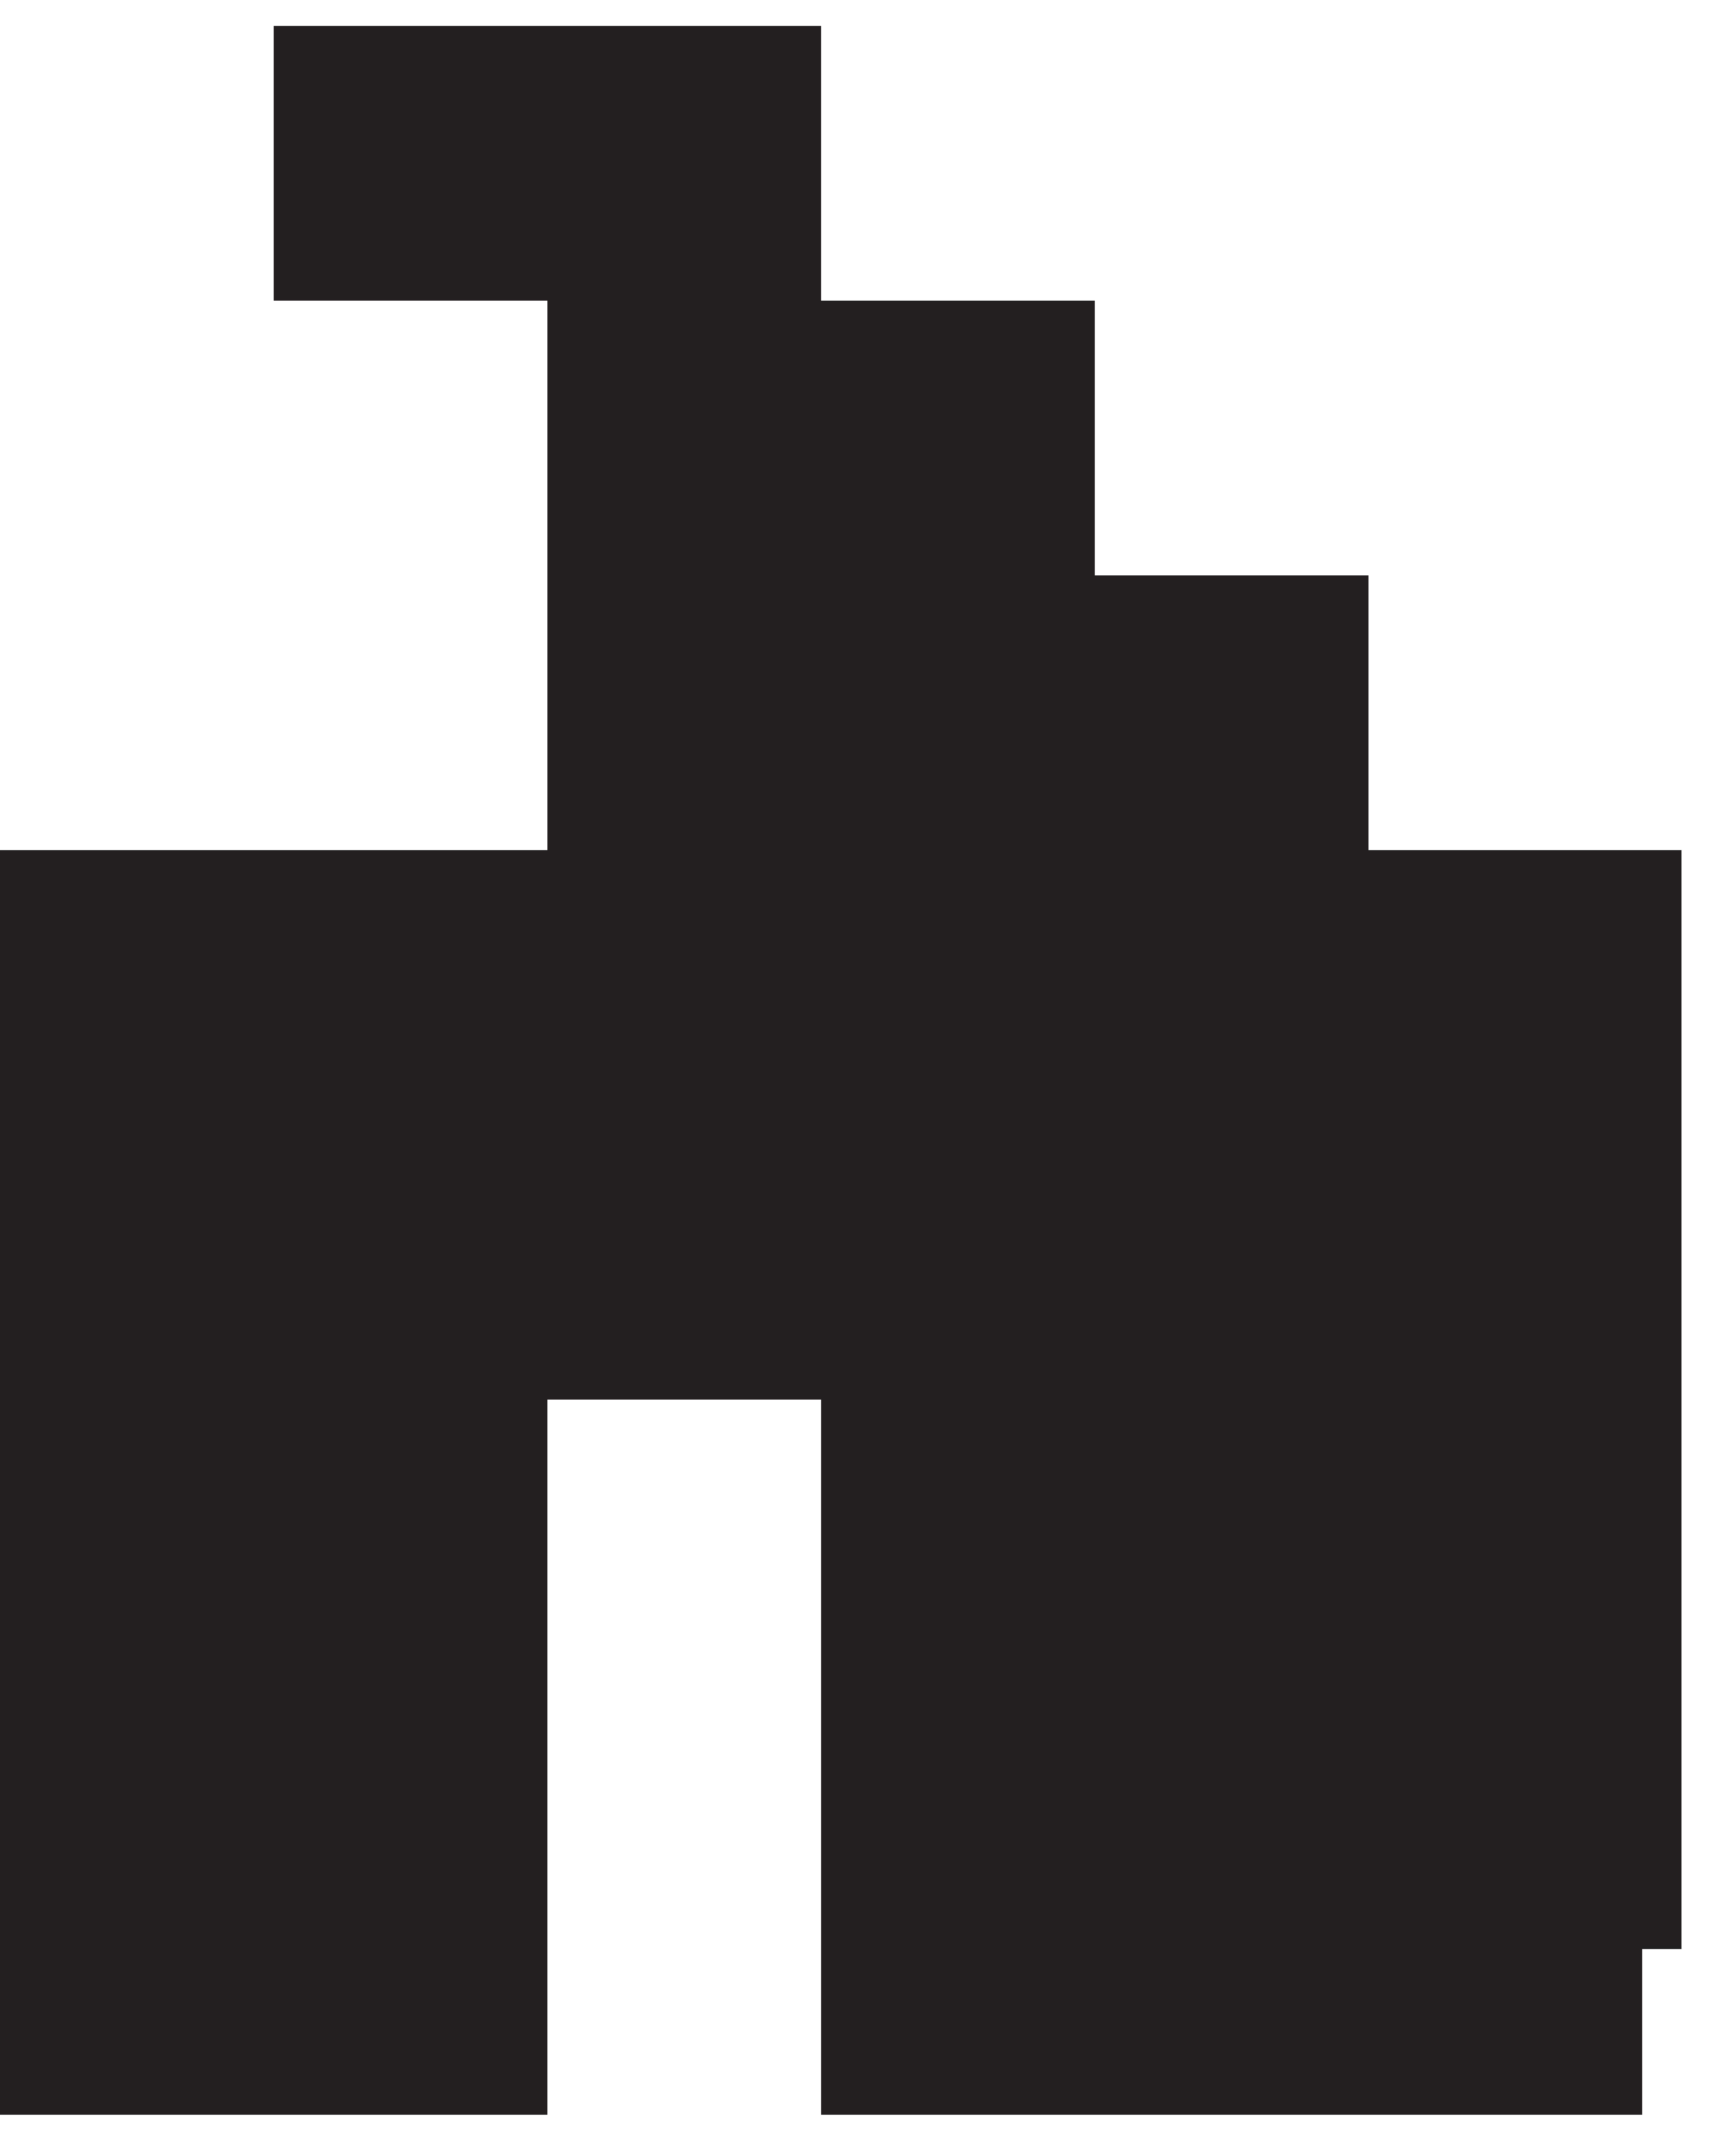 6495x8000 Transparent Giraffe Clipart